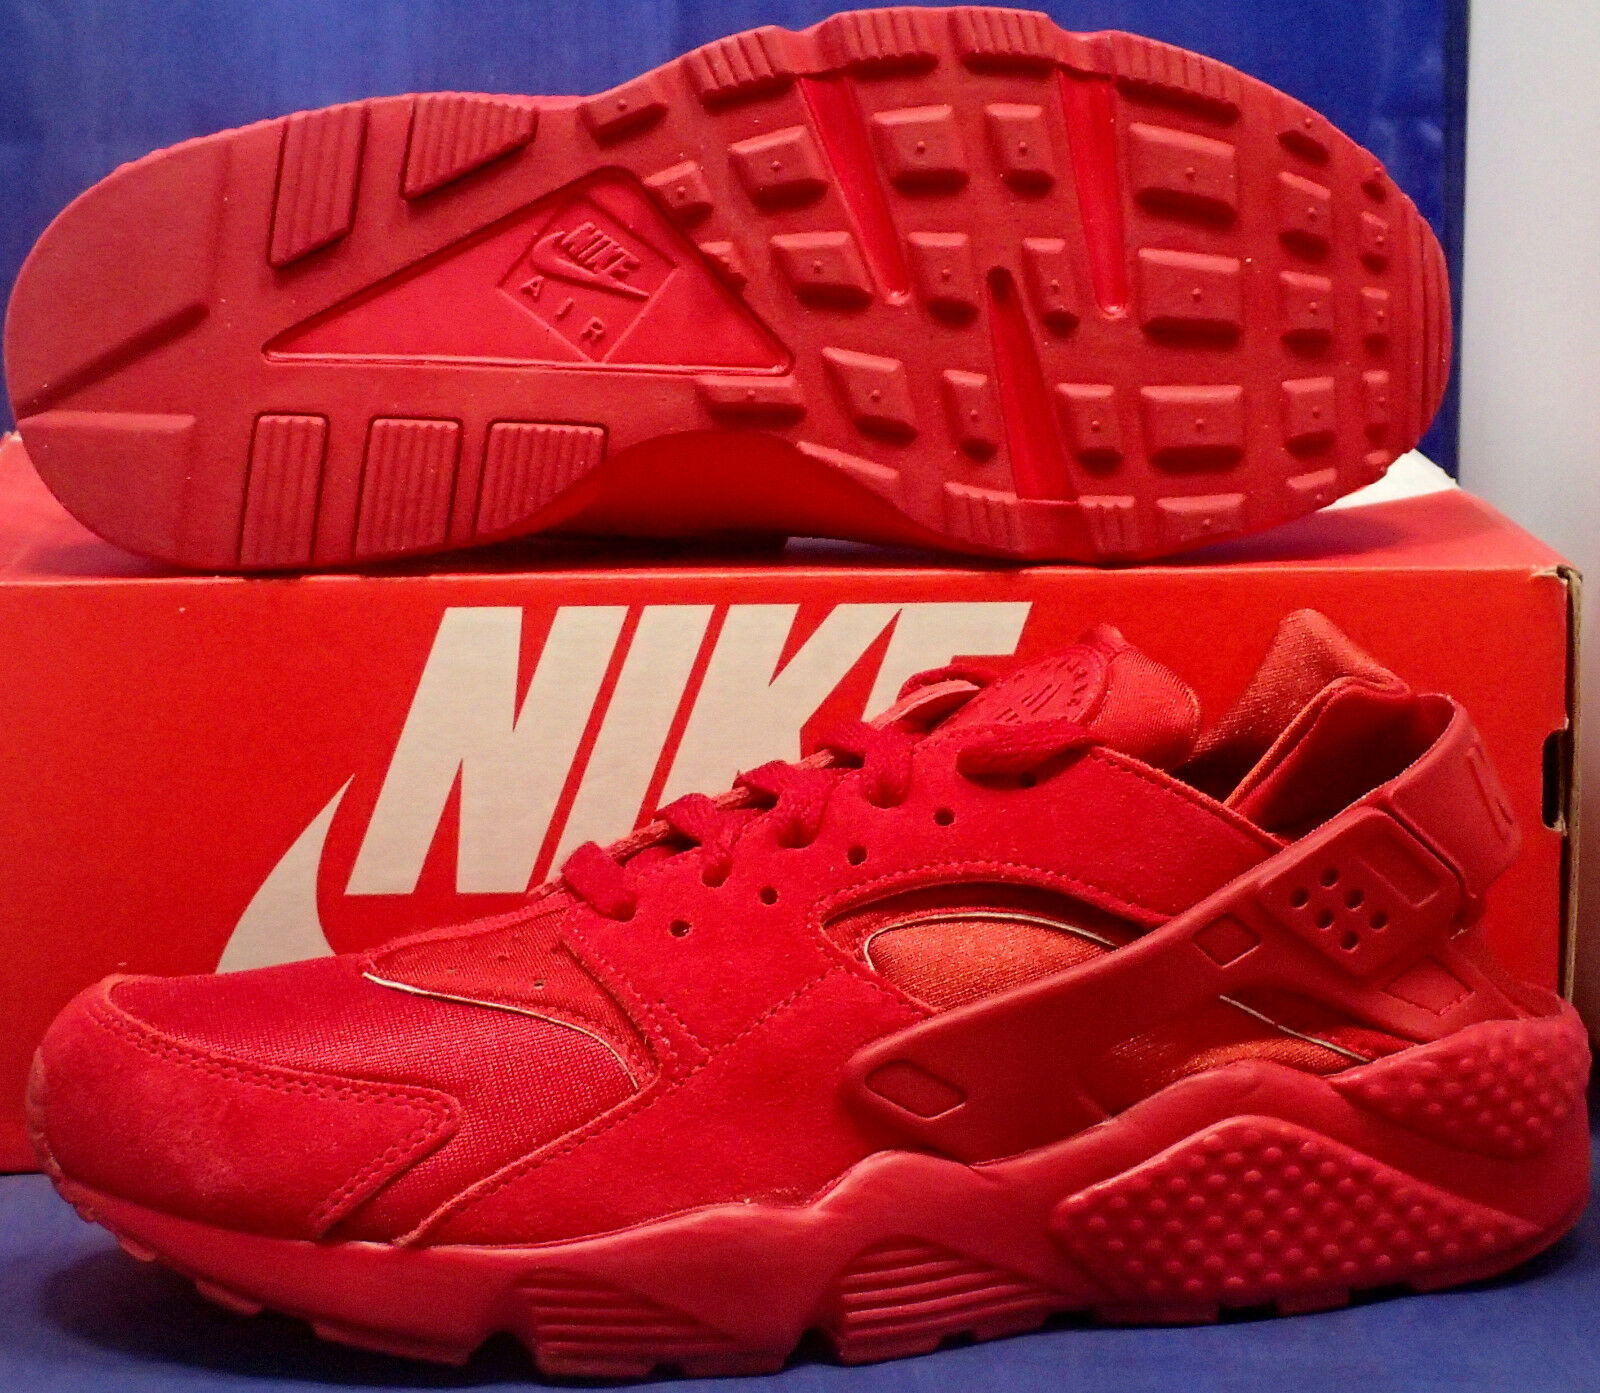 Nike air huarache huarache huarache correre id rosso sz 9,5 (777330-983) | Rifornimento Sufficiente  | Uomini/Donna Scarpa  61b8ec